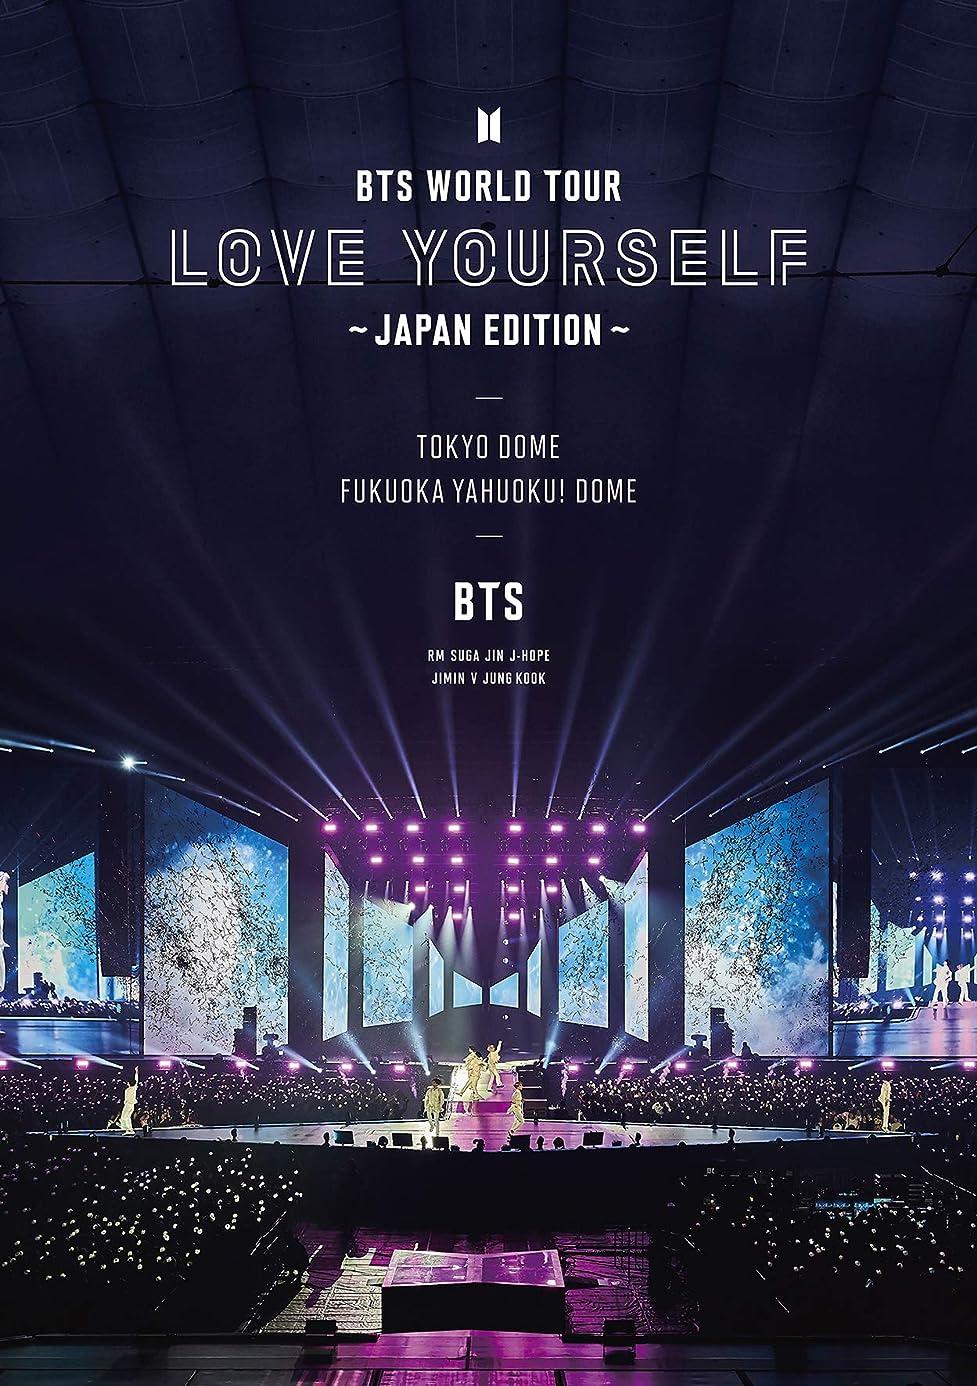 溝年慣れる【Amazon.co.jp限定】BTS WORLD TOUR 'LOVE YOURSELF' ~JAPAN EDITION~(通常盤)【特典:B2ポスター(絵柄C)付】[DVD]